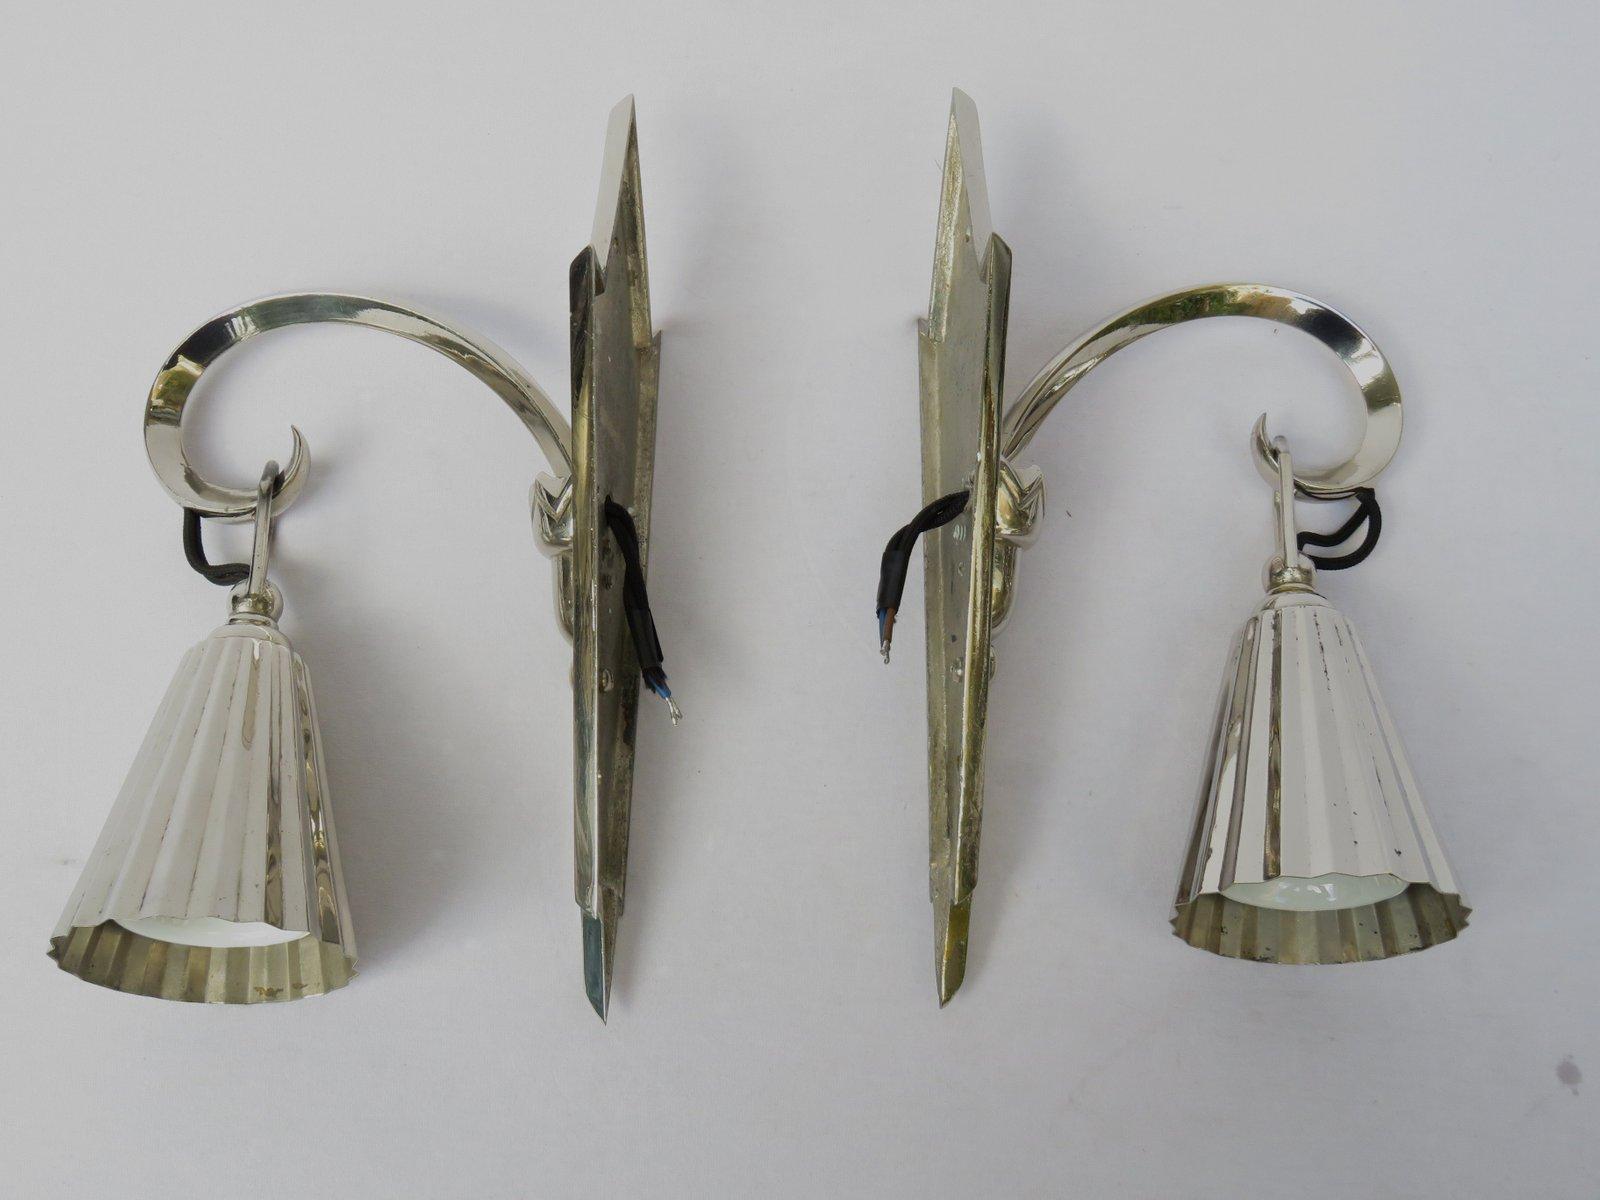 antike verchromte wiener jugendstil wandlampen 2er set bei pamono kaufen. Black Bedroom Furniture Sets. Home Design Ideas